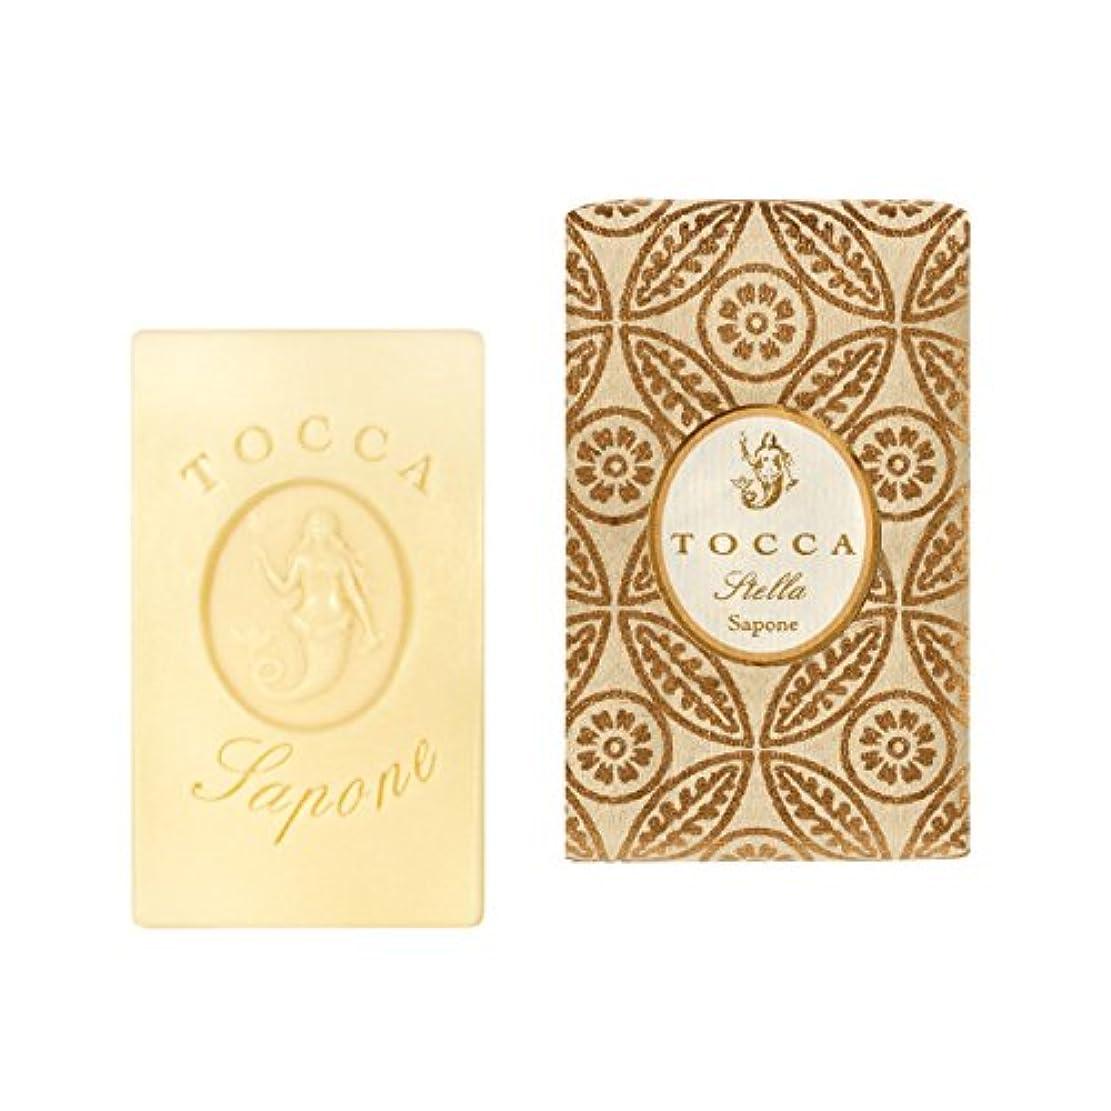 ブレーキ辛な動的トッカ(TOCCA) ソープバー ステラの香り 113g(石けん 化粧石けん イタリアンブラッドオレンジが奏でるフレッシュでビターな爽やかさ漂う香り)